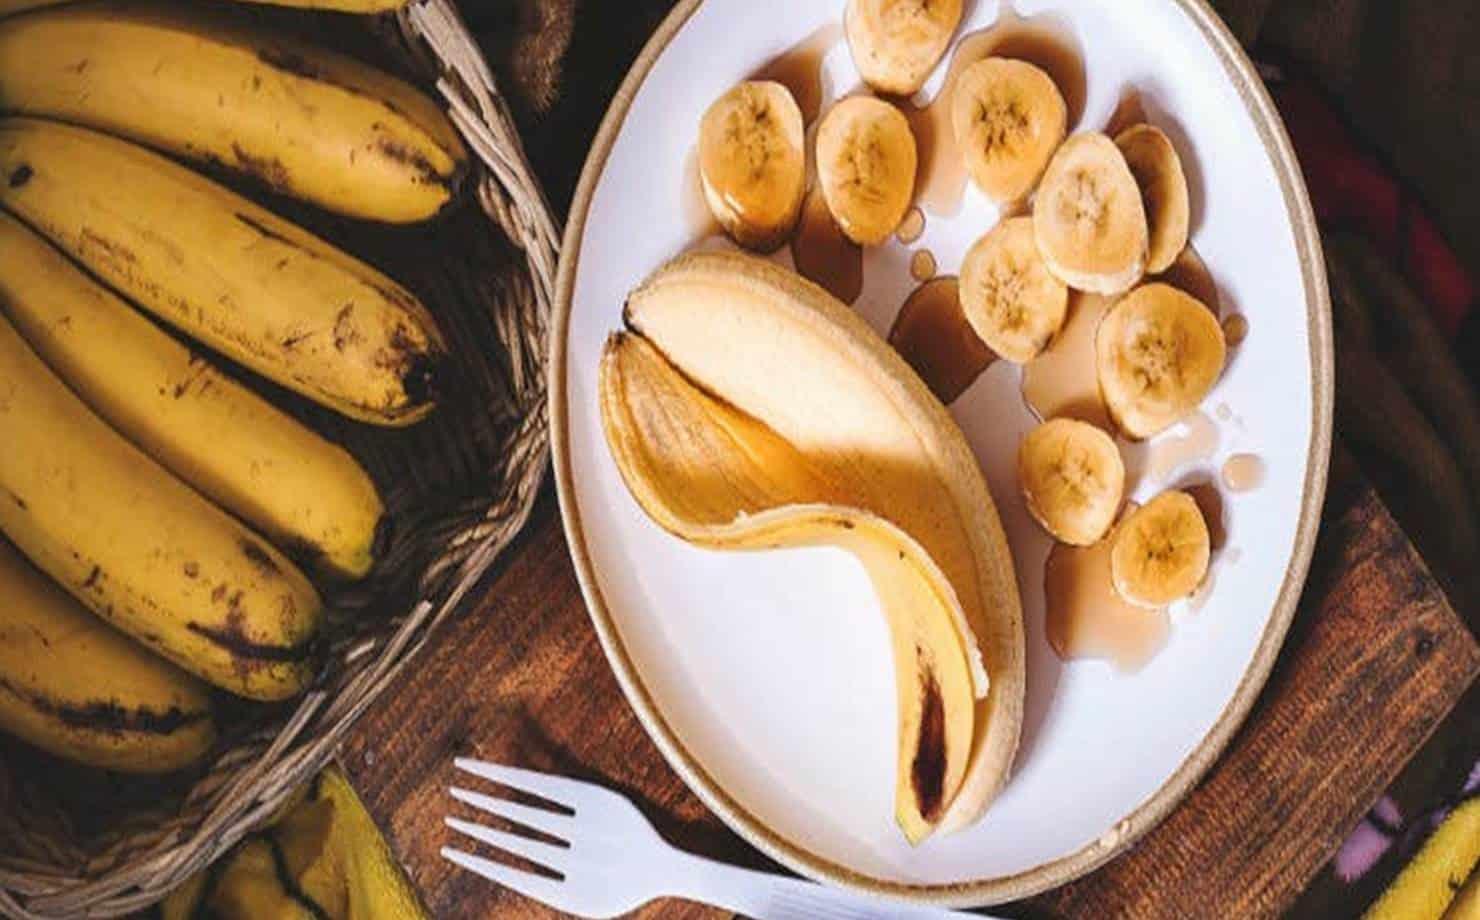 Bananas Expostas na Mesa